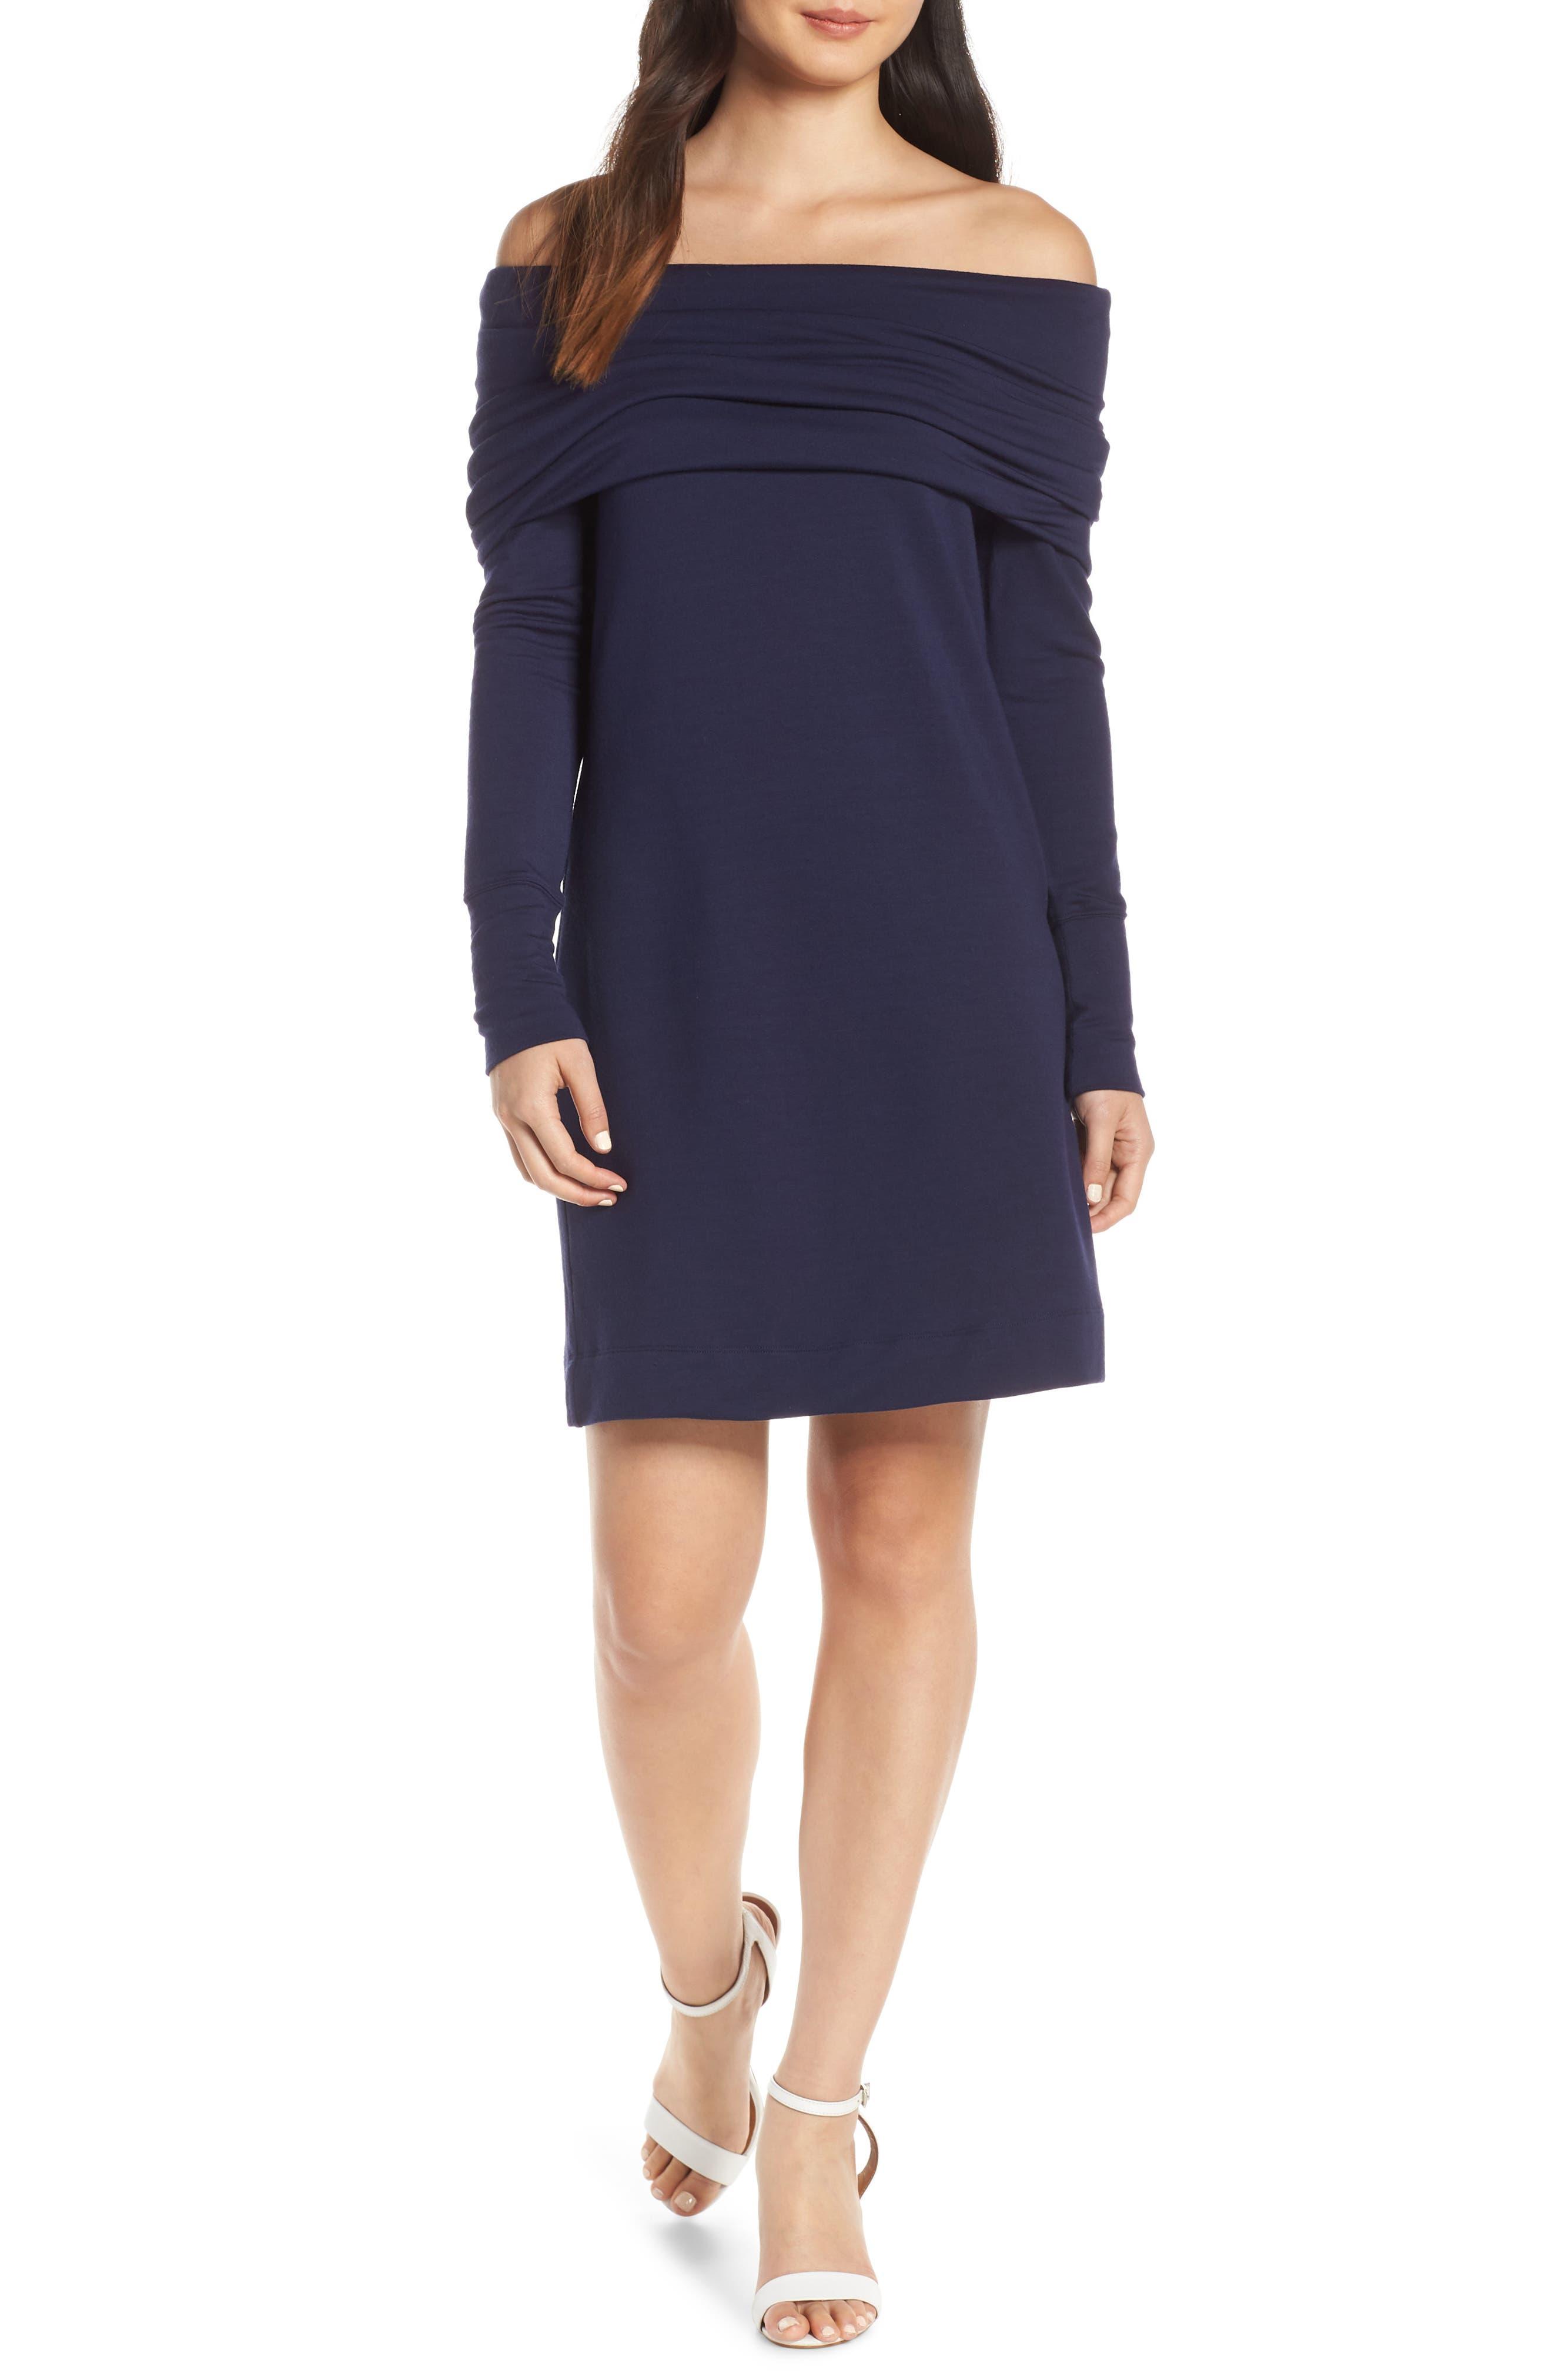 Lilly Pulitzer Belinda Off The Shoulder Banded Dress, Blue